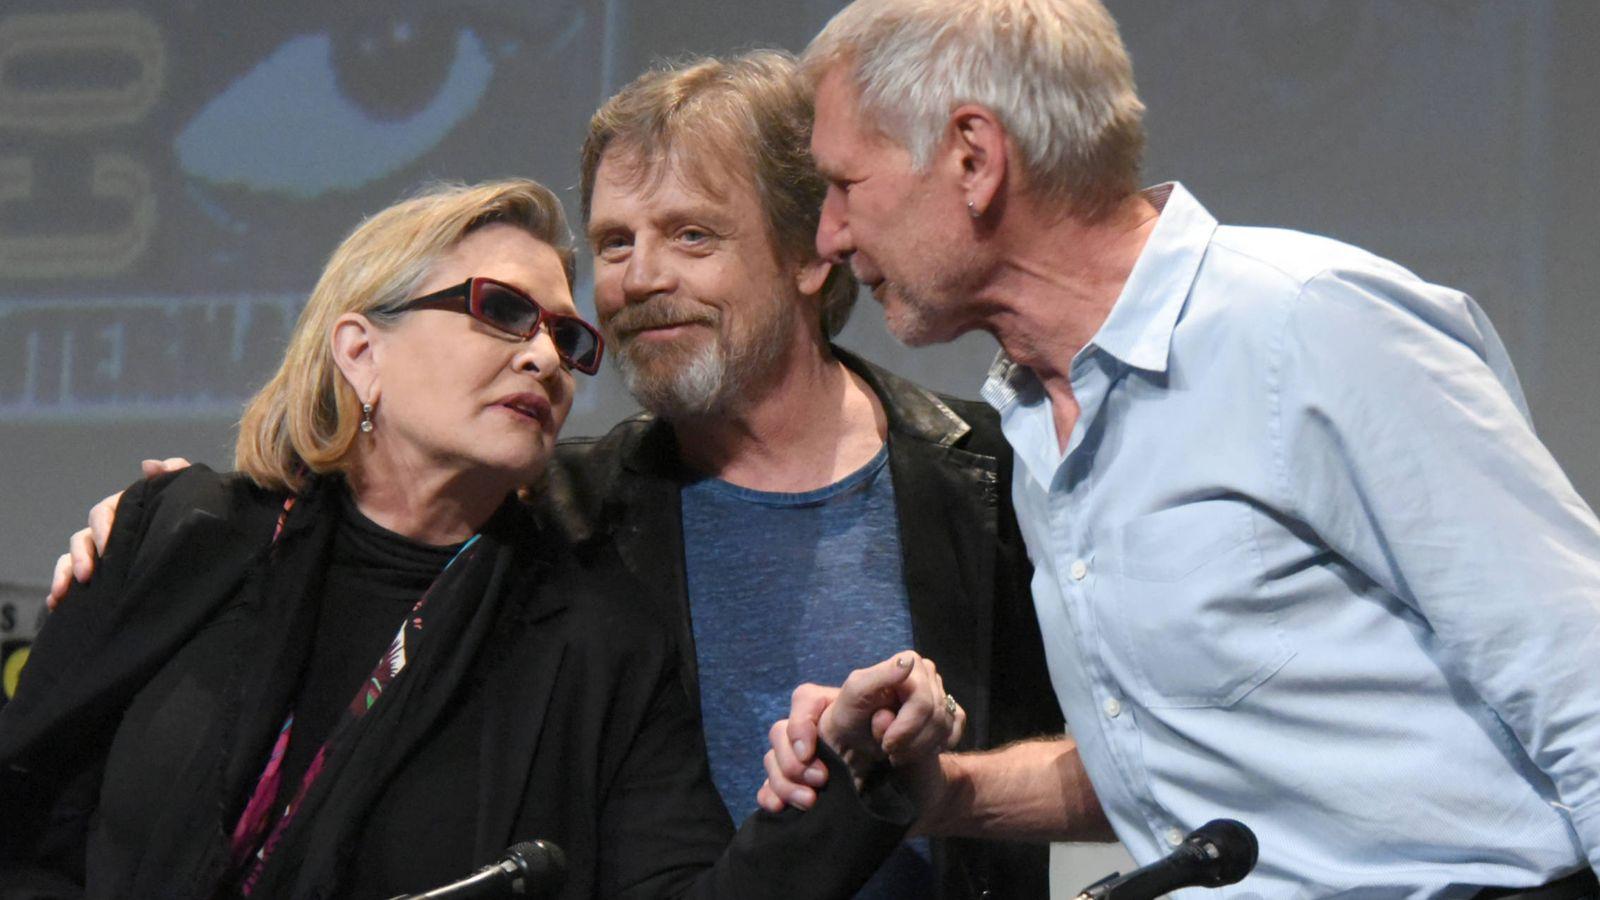 Noticias de Famosos El emotivo adiós de los actores de Star Wars a Carrie Fisher (princesa Leia). Noticias de Celebrities